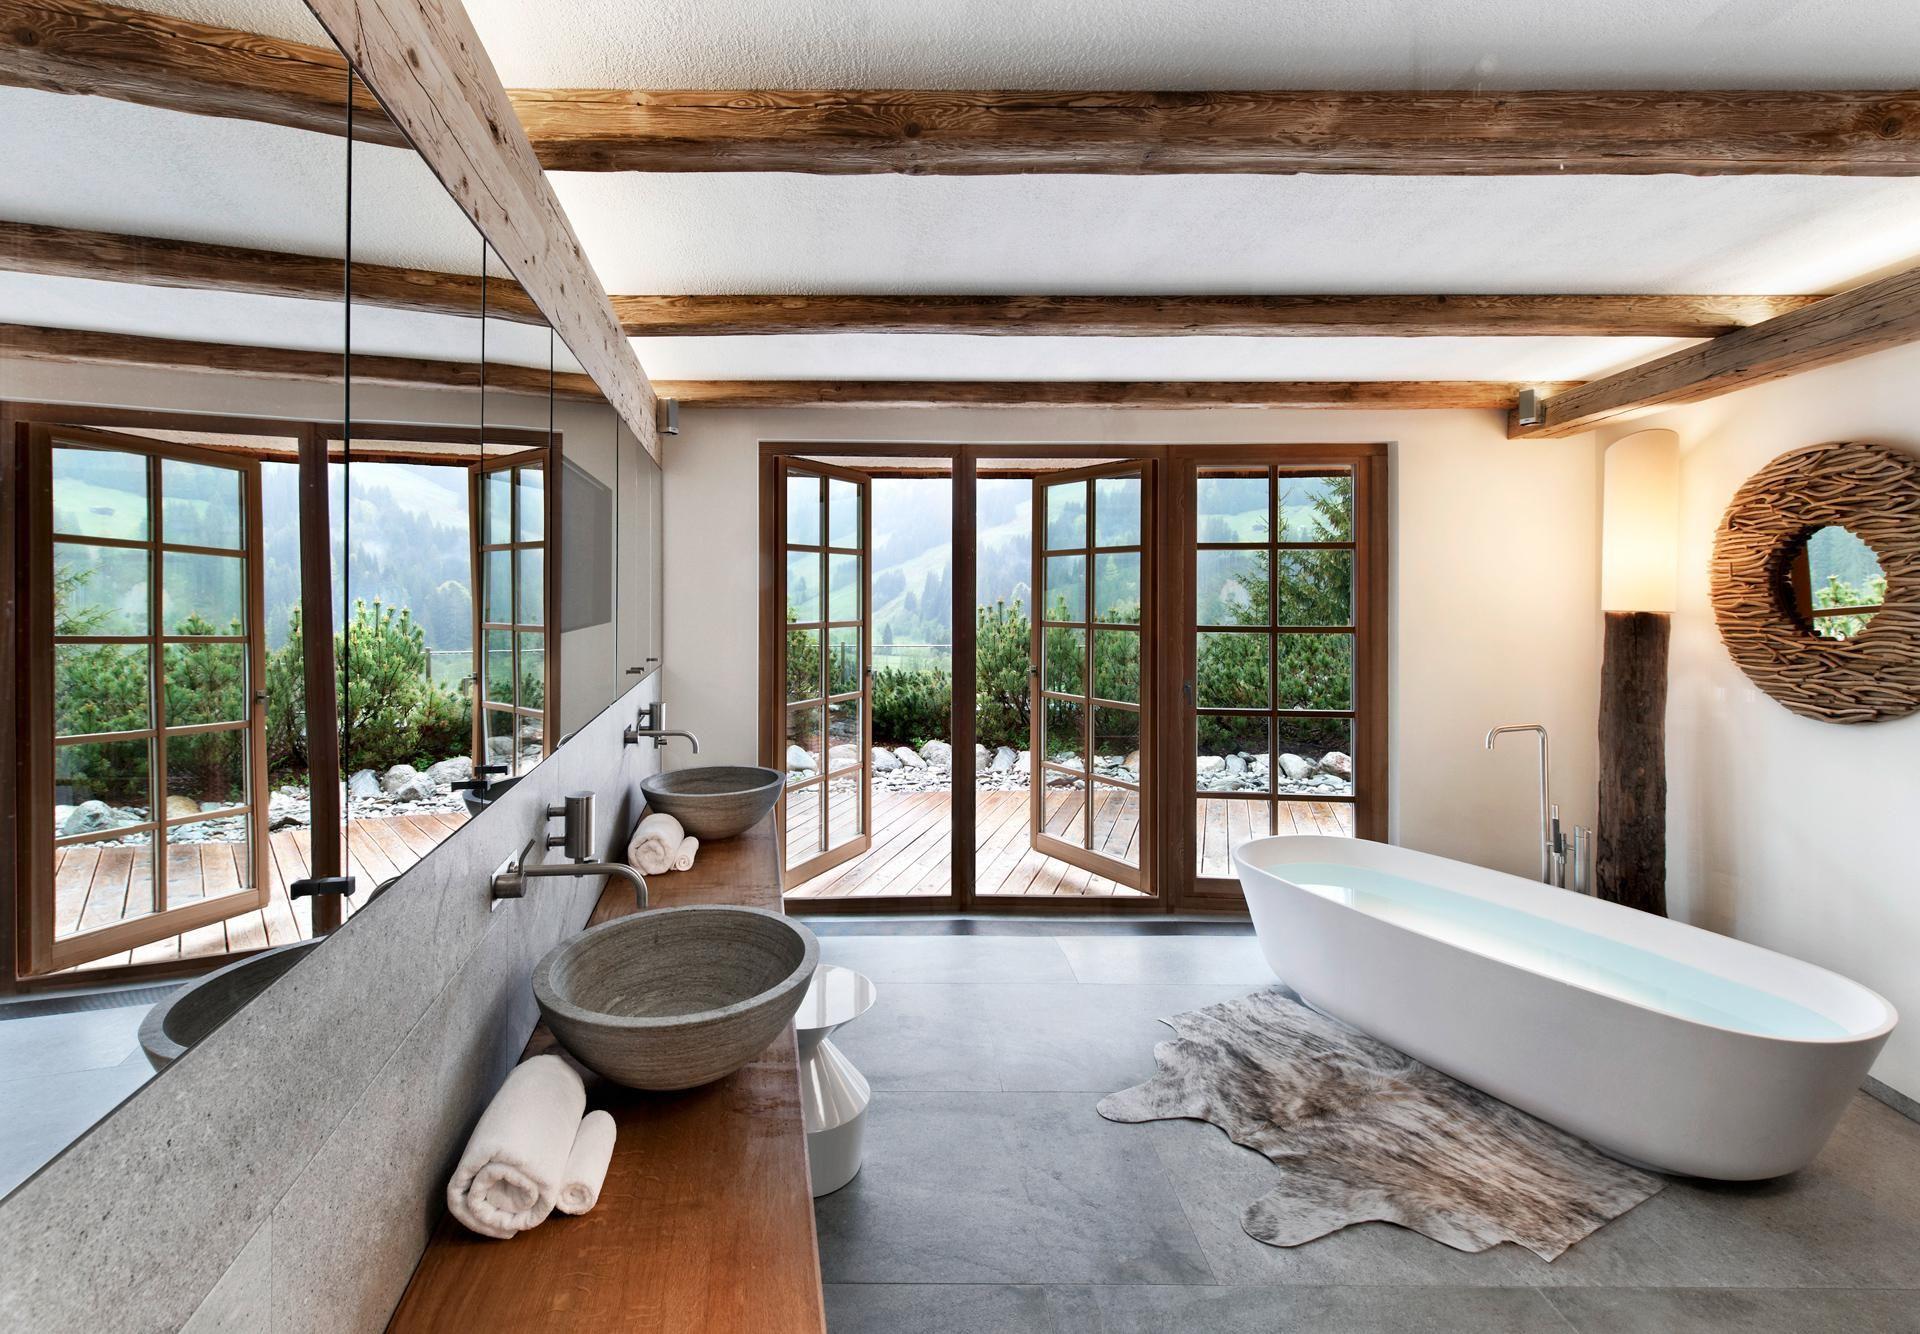 Badezimmer design rustikal gasteiger bad  kitzbühel  chalet stil  badplanung rustikal